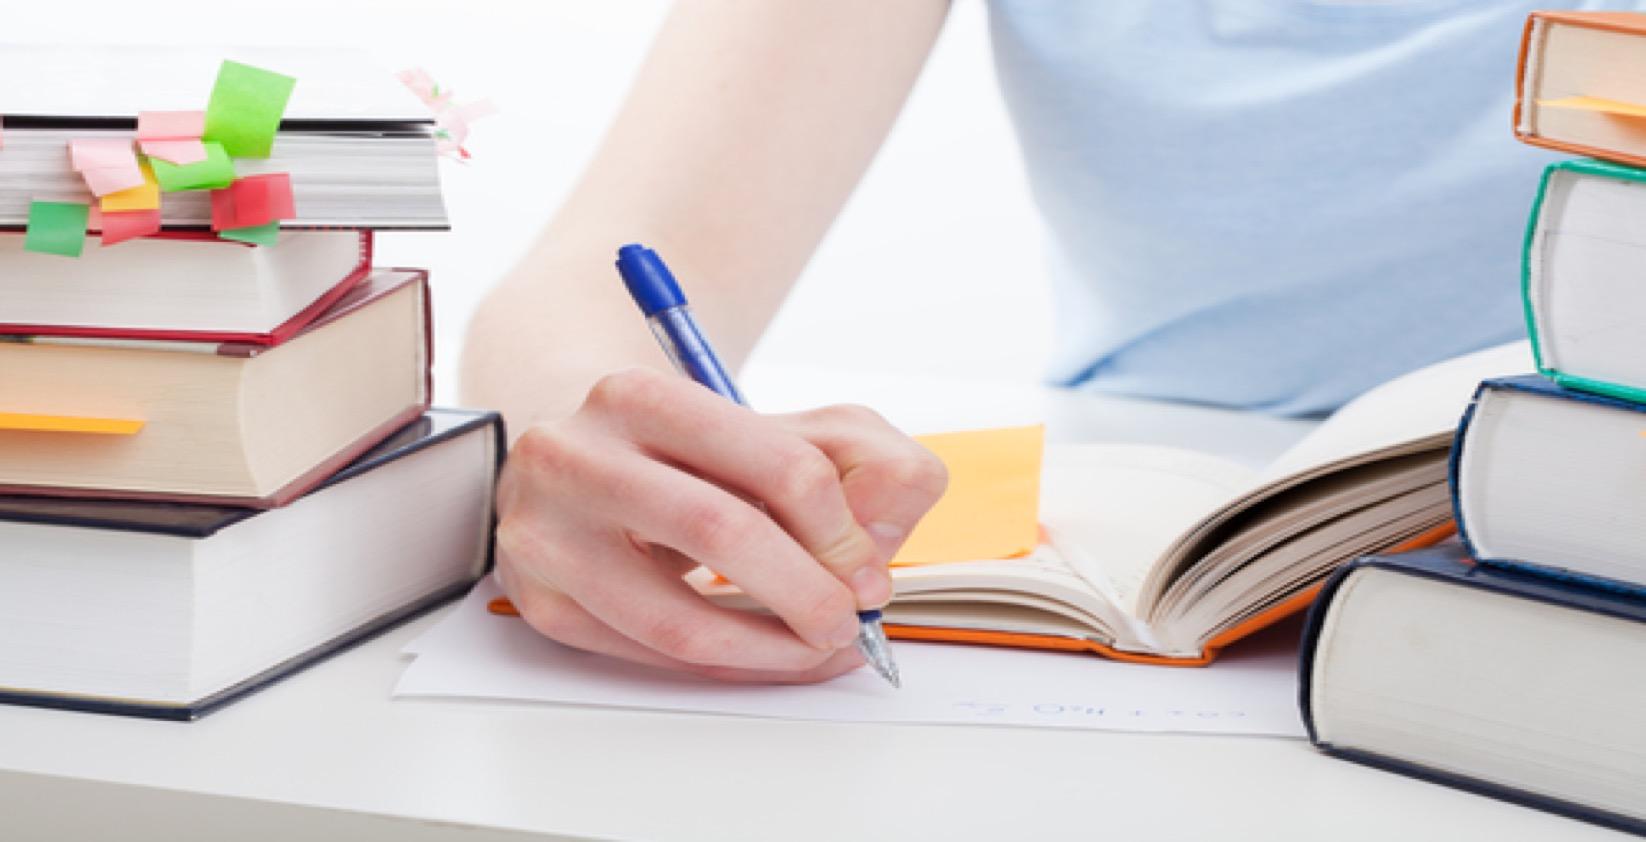 Not tutma becerilerinizin paslı olduğunu düşünüyorsanız veya not almayı çok önemsiyorsanız burada bahsedeceğimiz teknikleri bilmelisiniz.